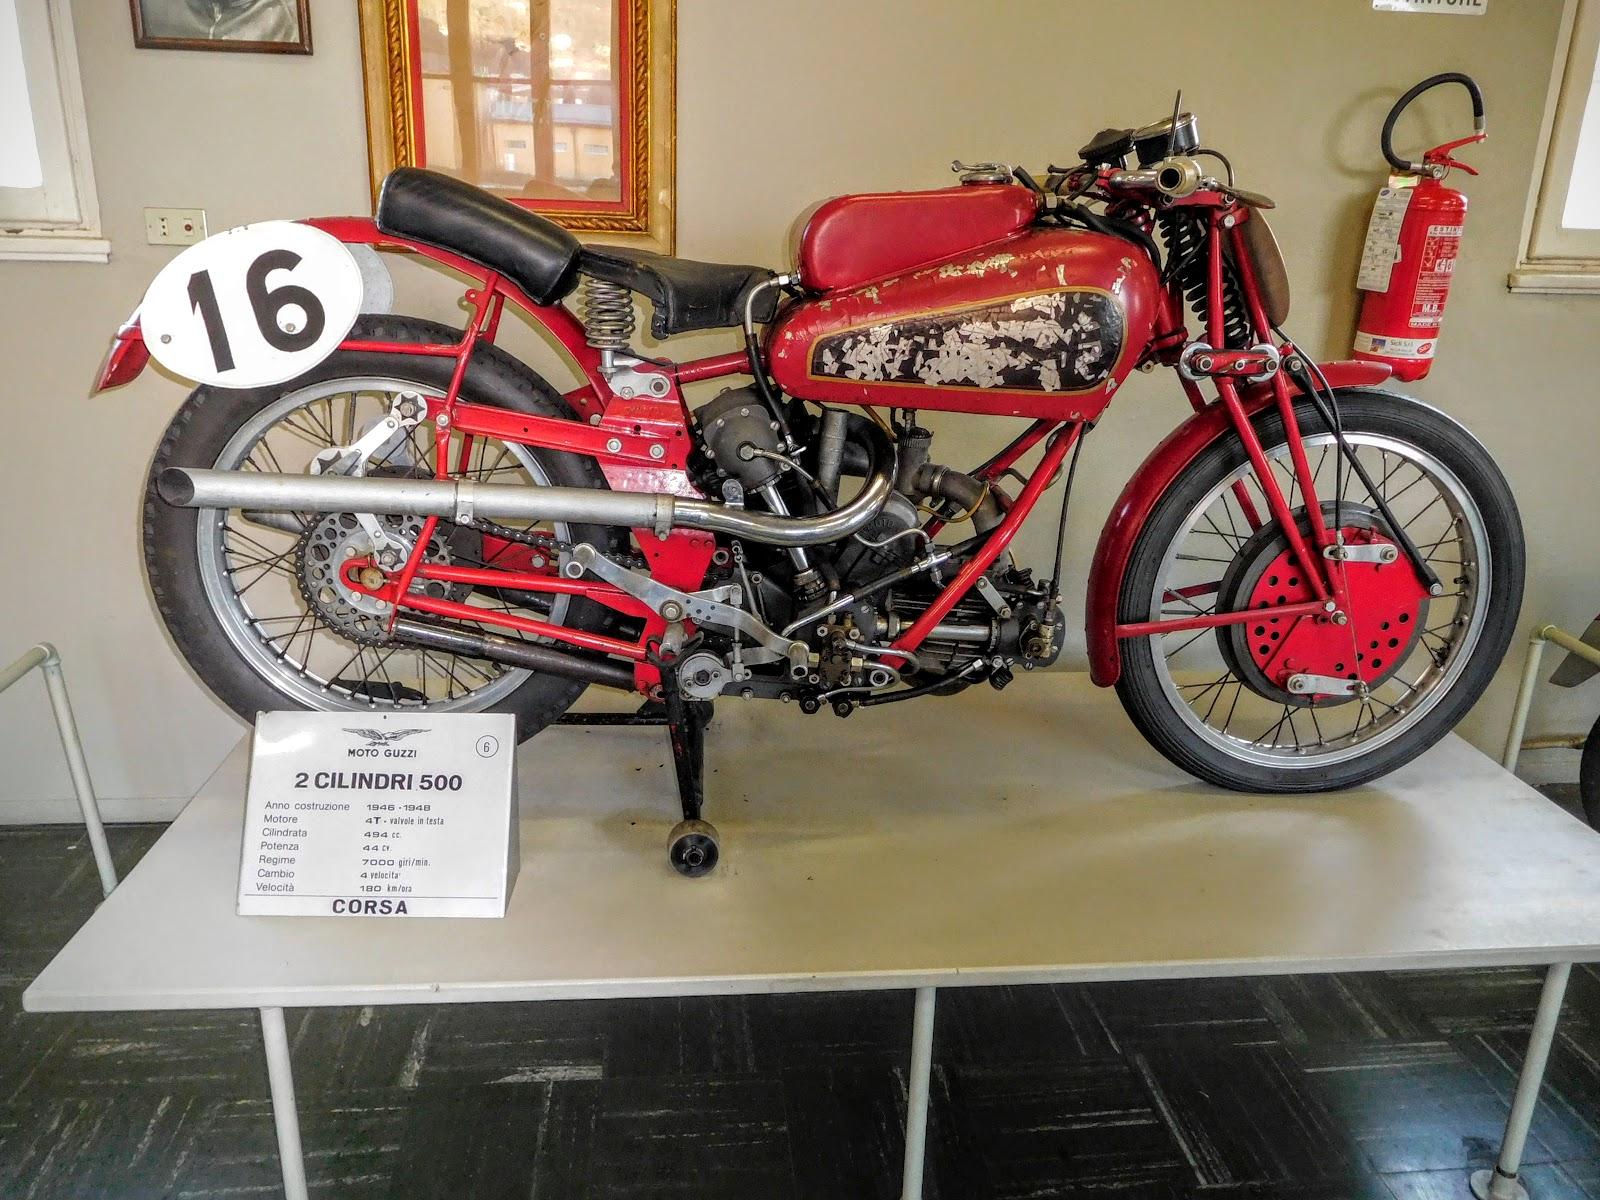 Tigho NYDucati: 1946-48 Moto Guzzi  2 Cilindri 500